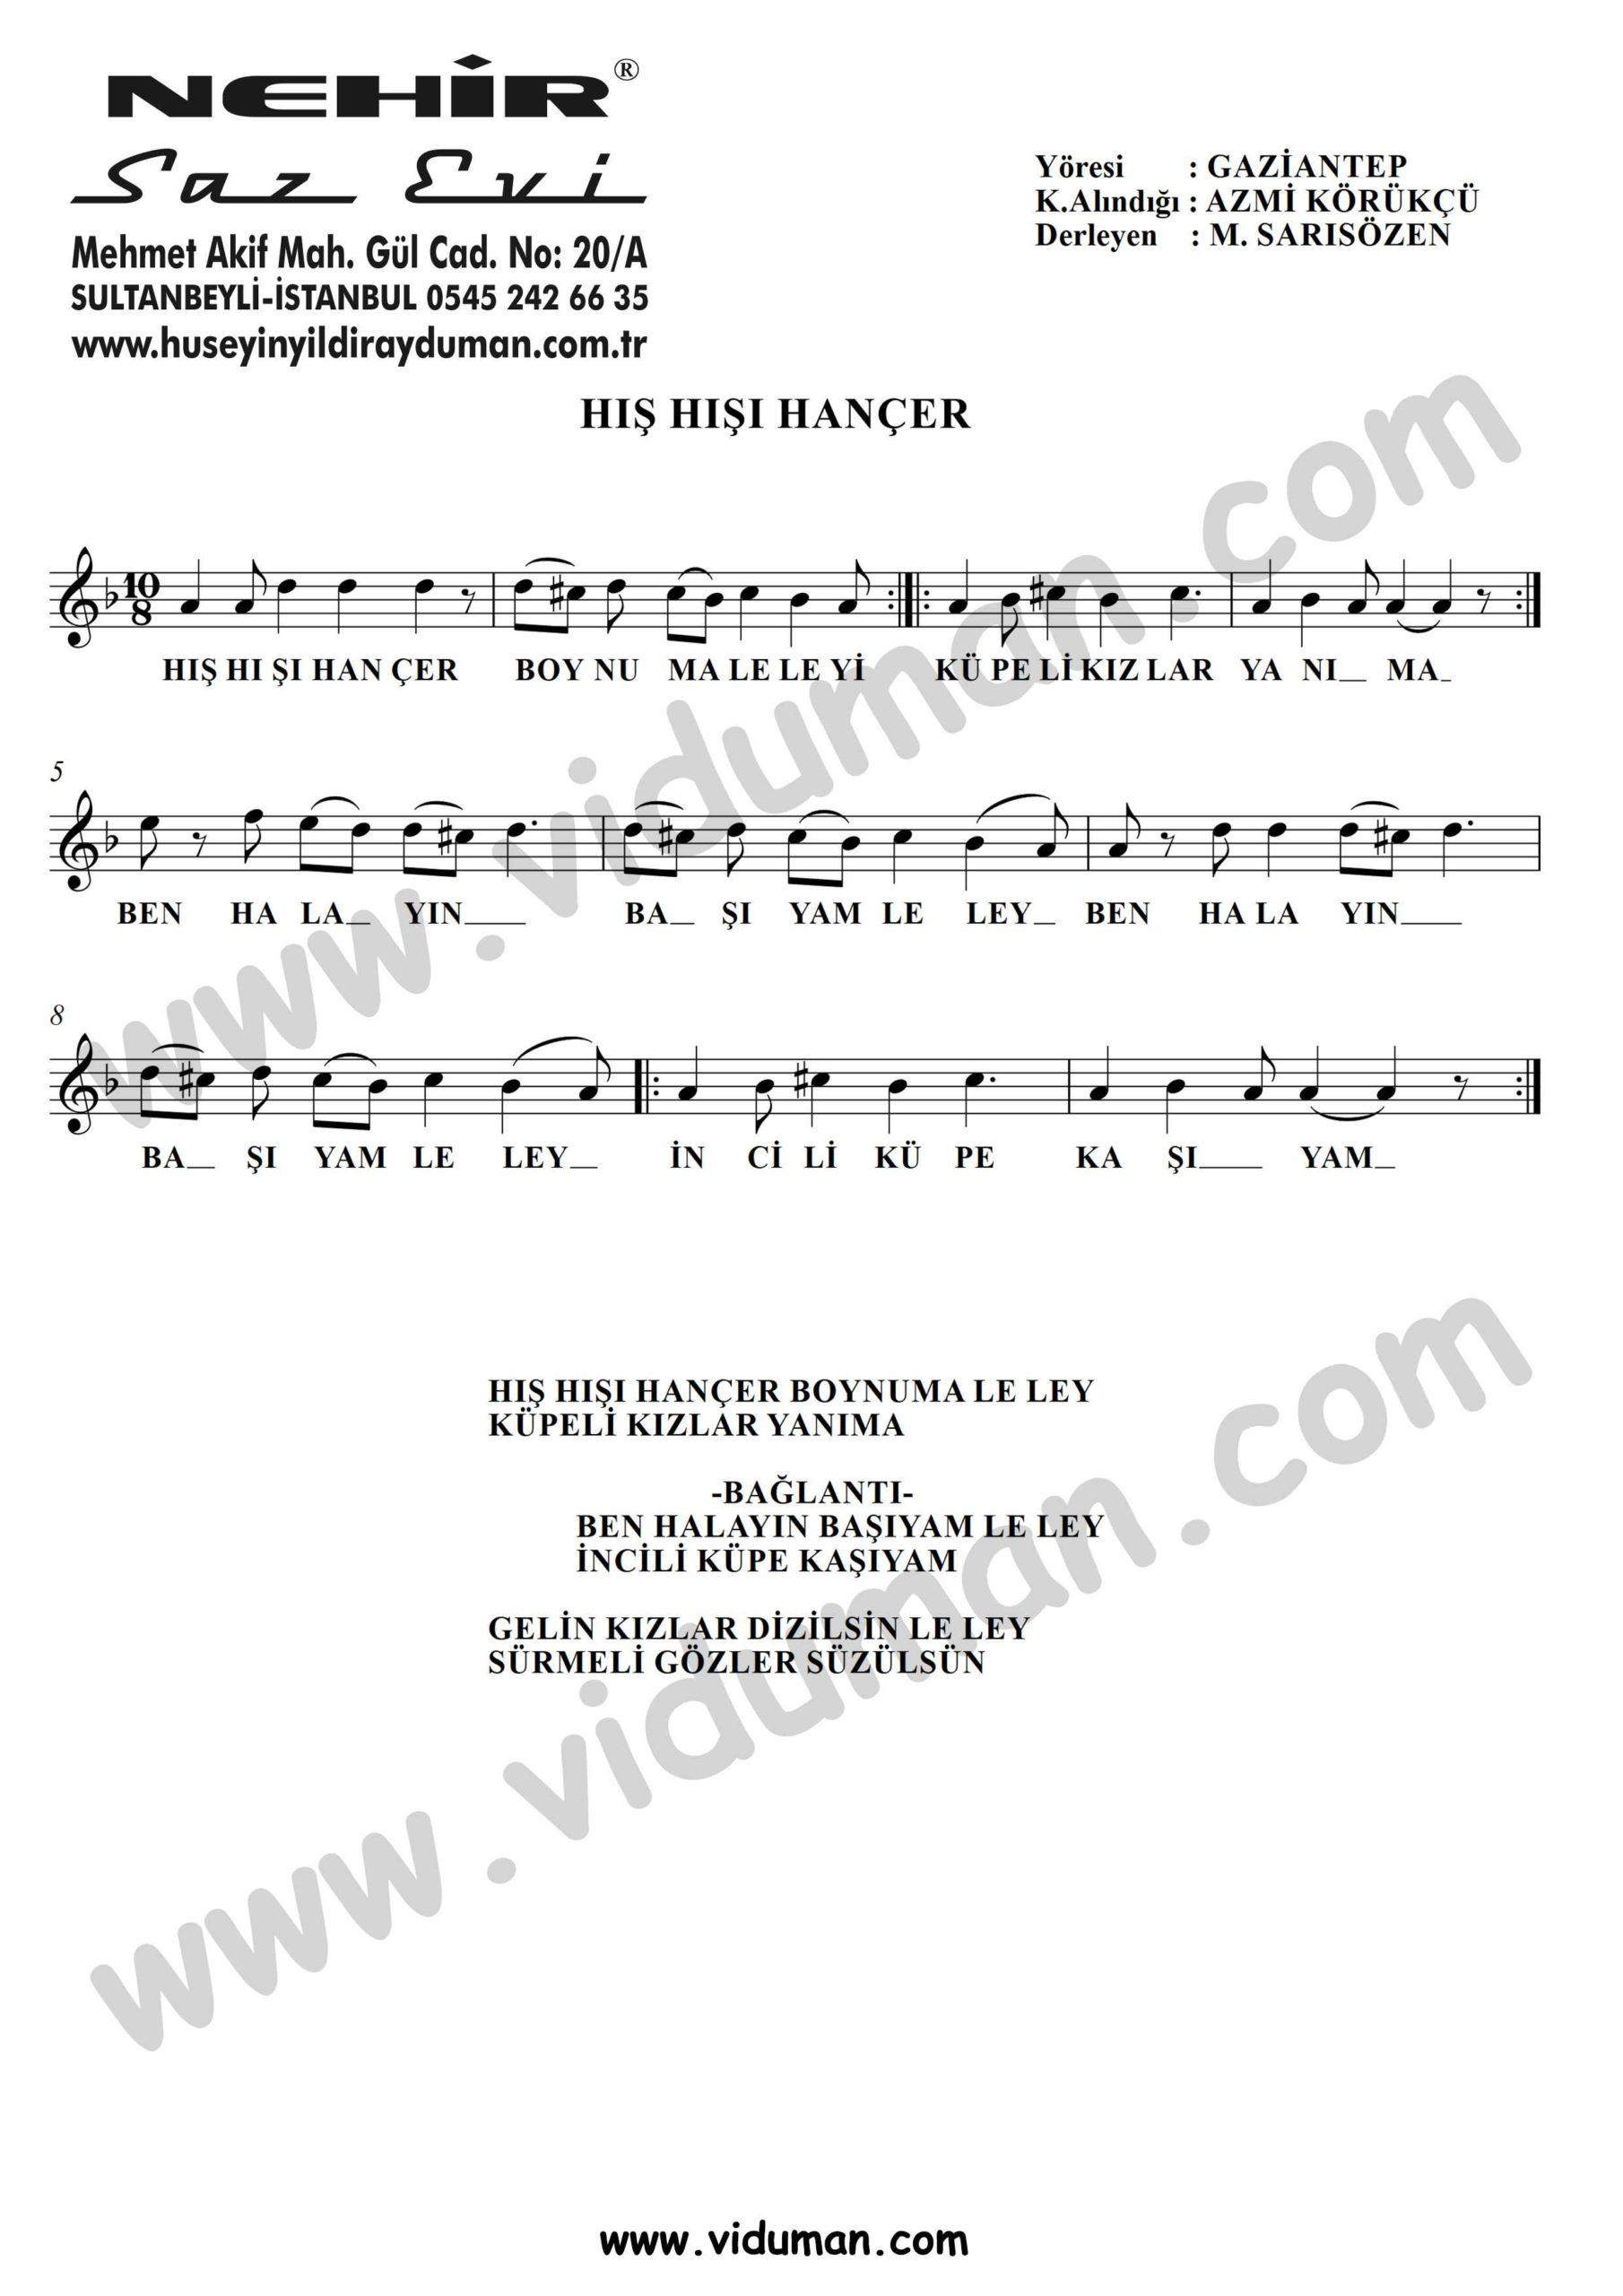 His Hisi Hancer-Baglama-Saz-Turku-Notalari